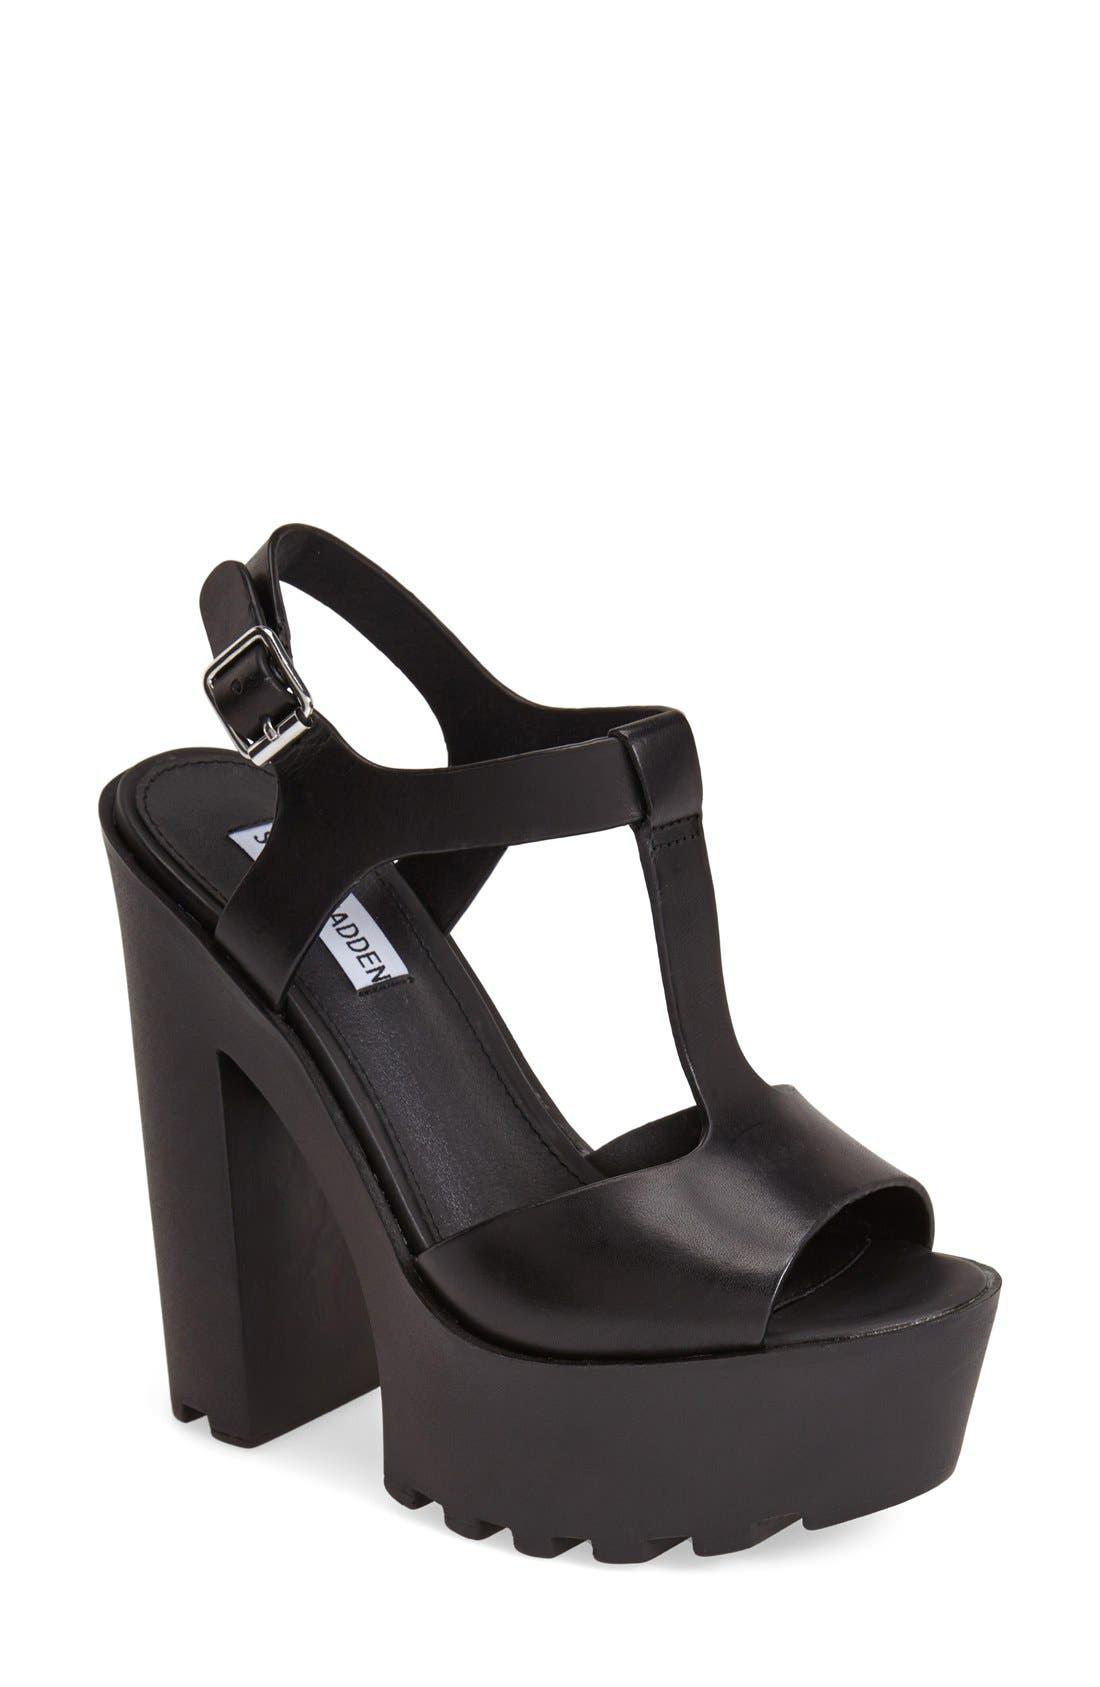 Alternate Image 1 Selected - Steve Madden 'Girltalk' Leather Platform Sandal (Women)